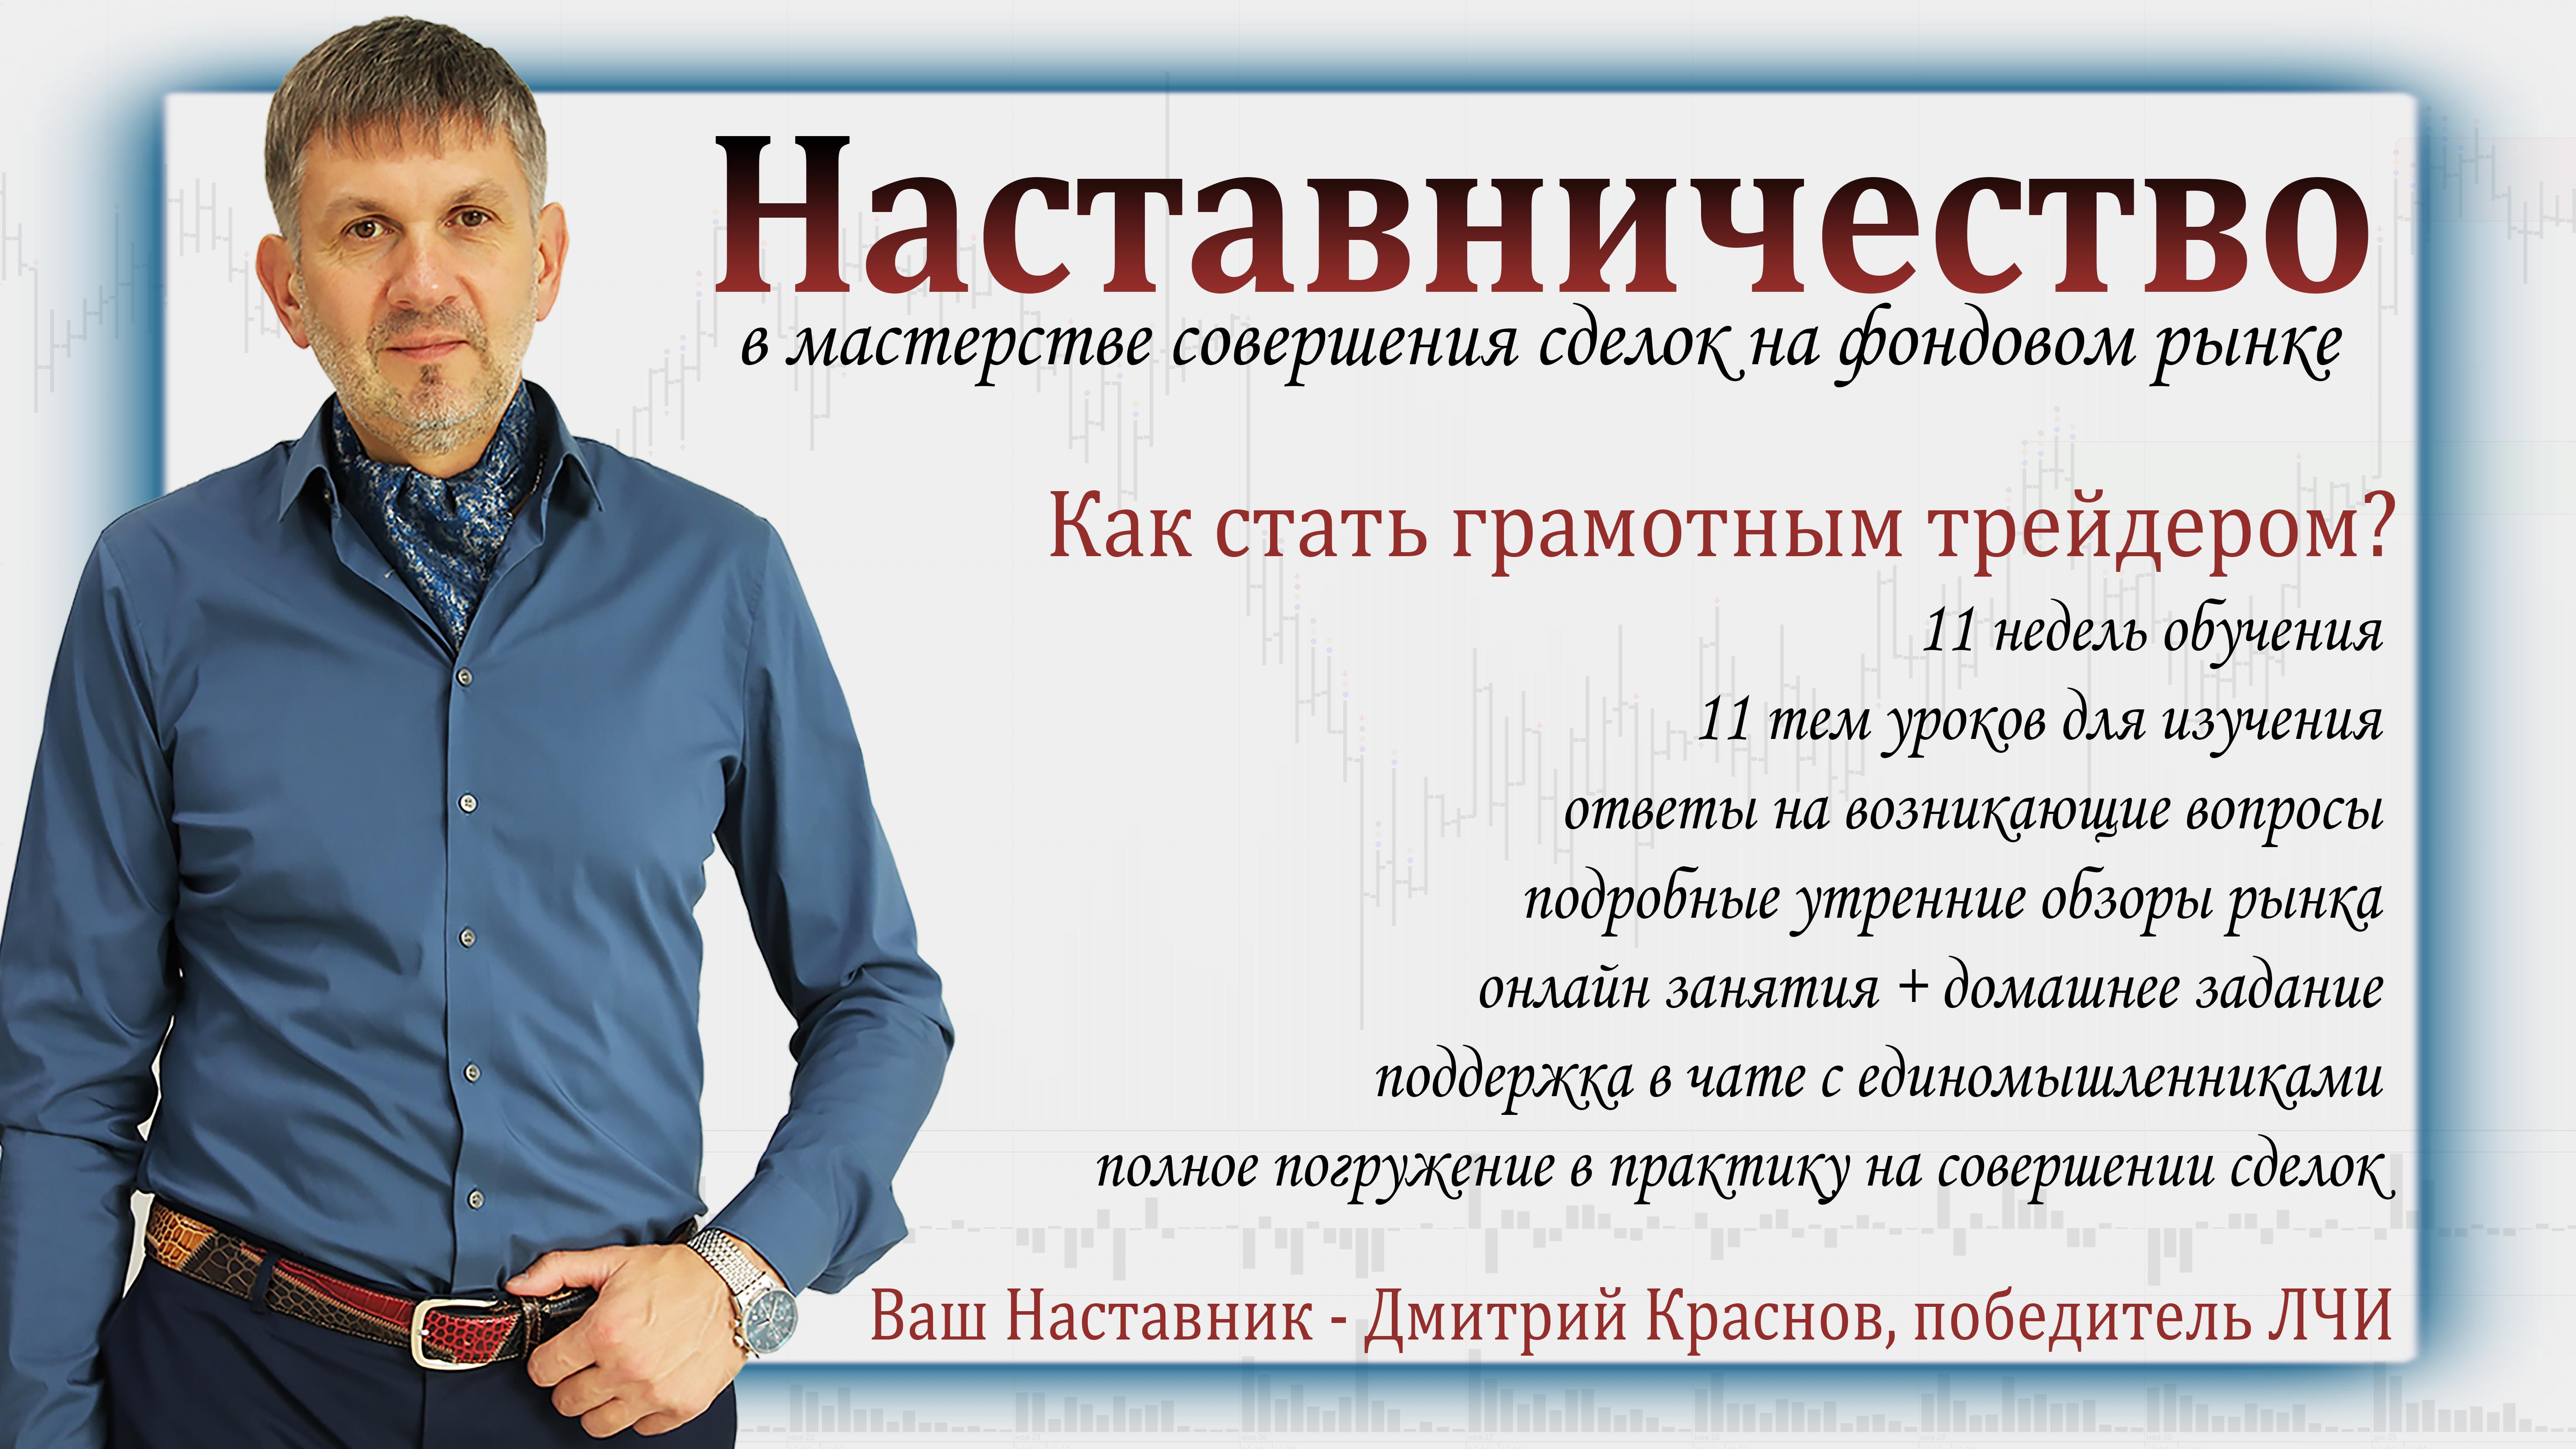 Обновлённый курс НАСТАВНИЧЕСТВА - старт 02 июля